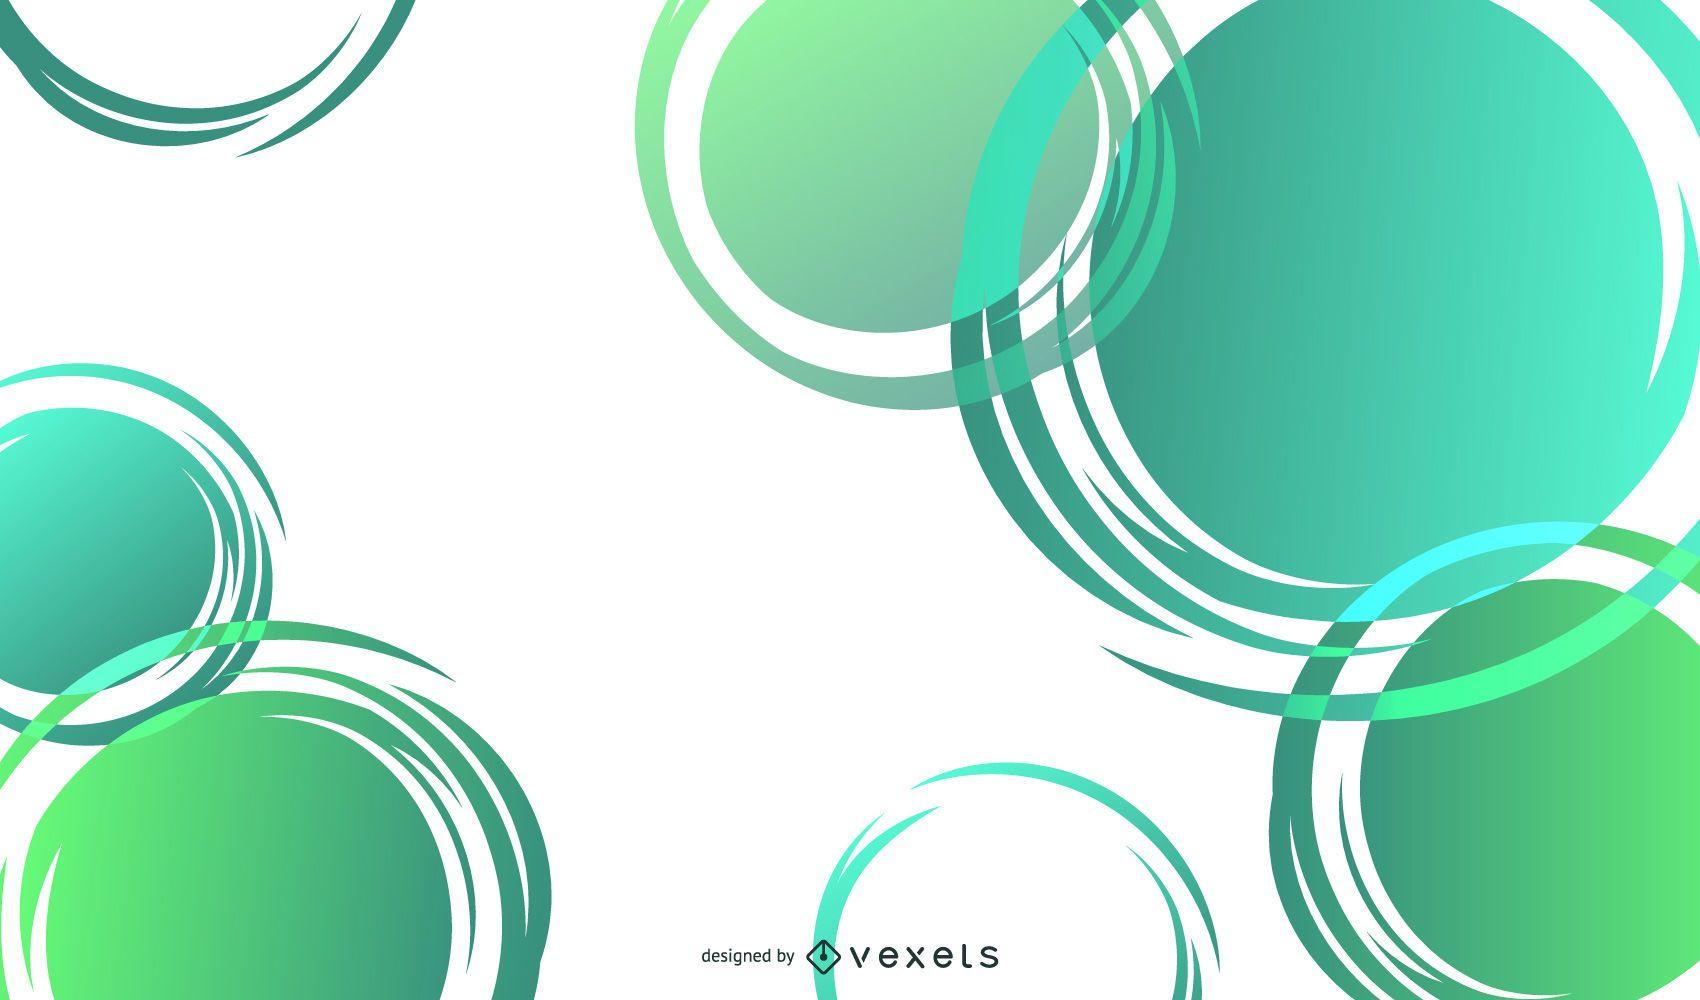 sonho verde abstrato 05 vetor